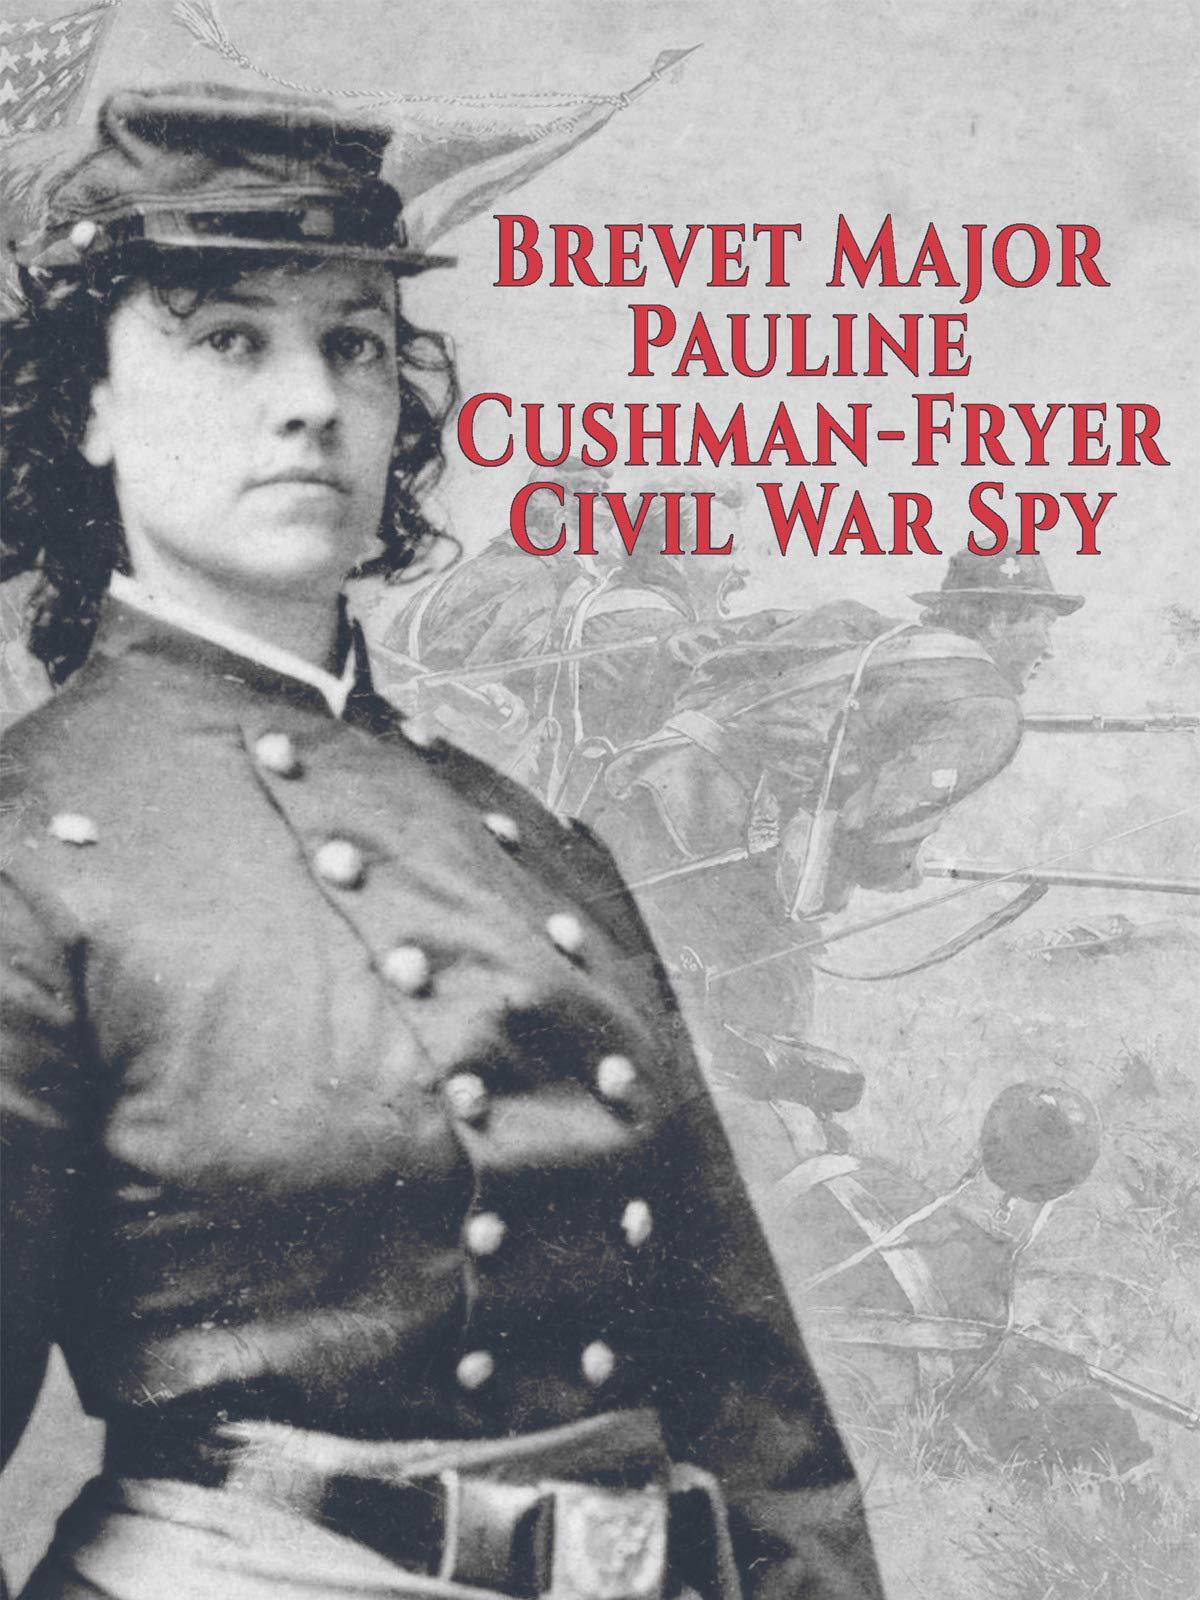 Brevet Major Pauline Cushman-Fryer